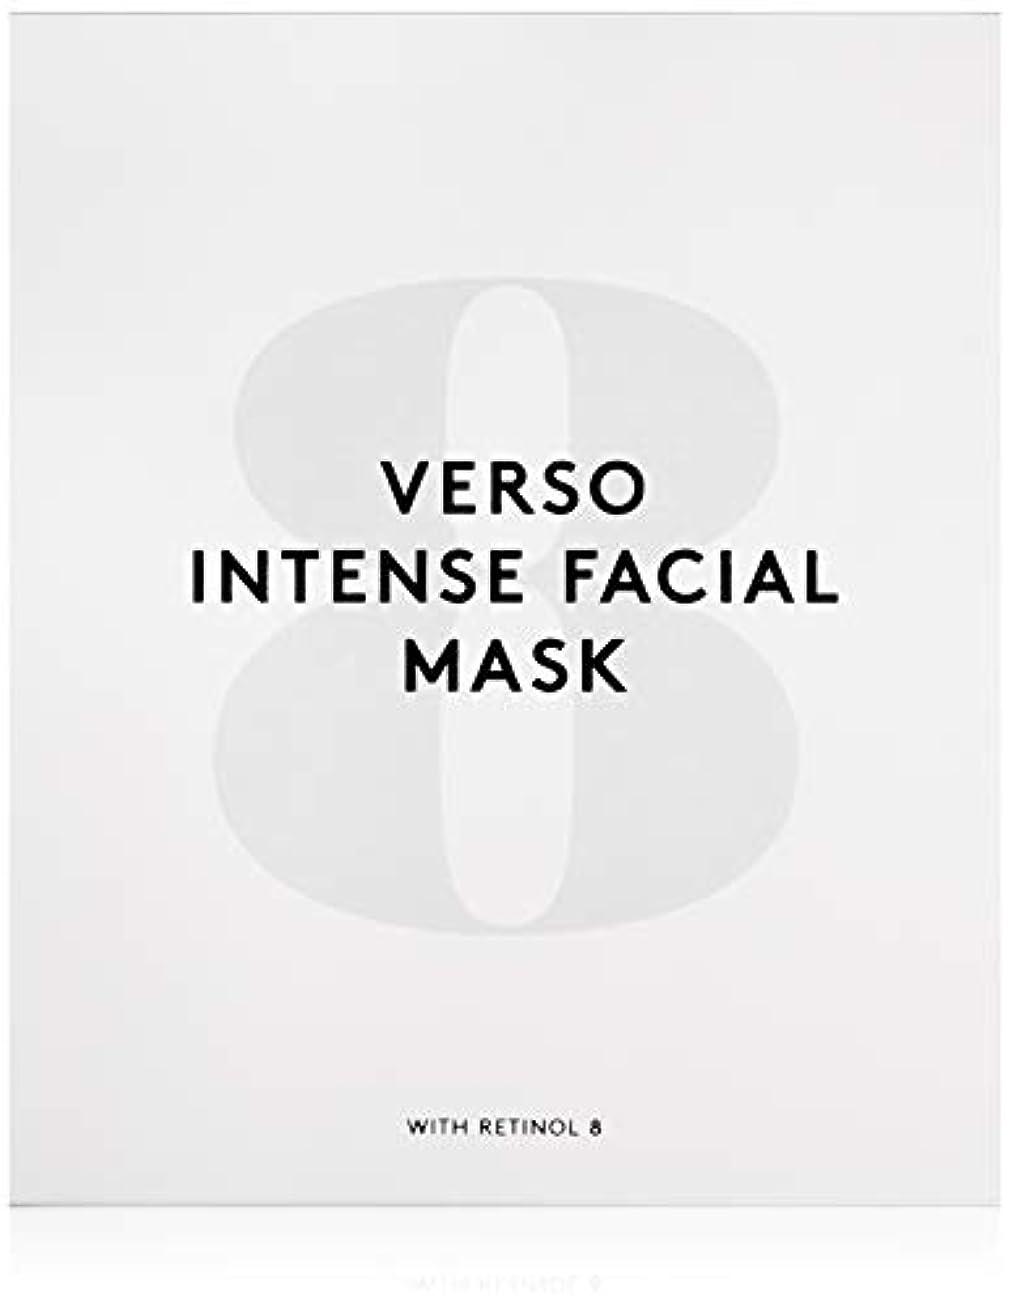 メドレー操縦する参照するヴェルソスキンケア インテンスフェイシャルマスク 4x25g/0.88oz